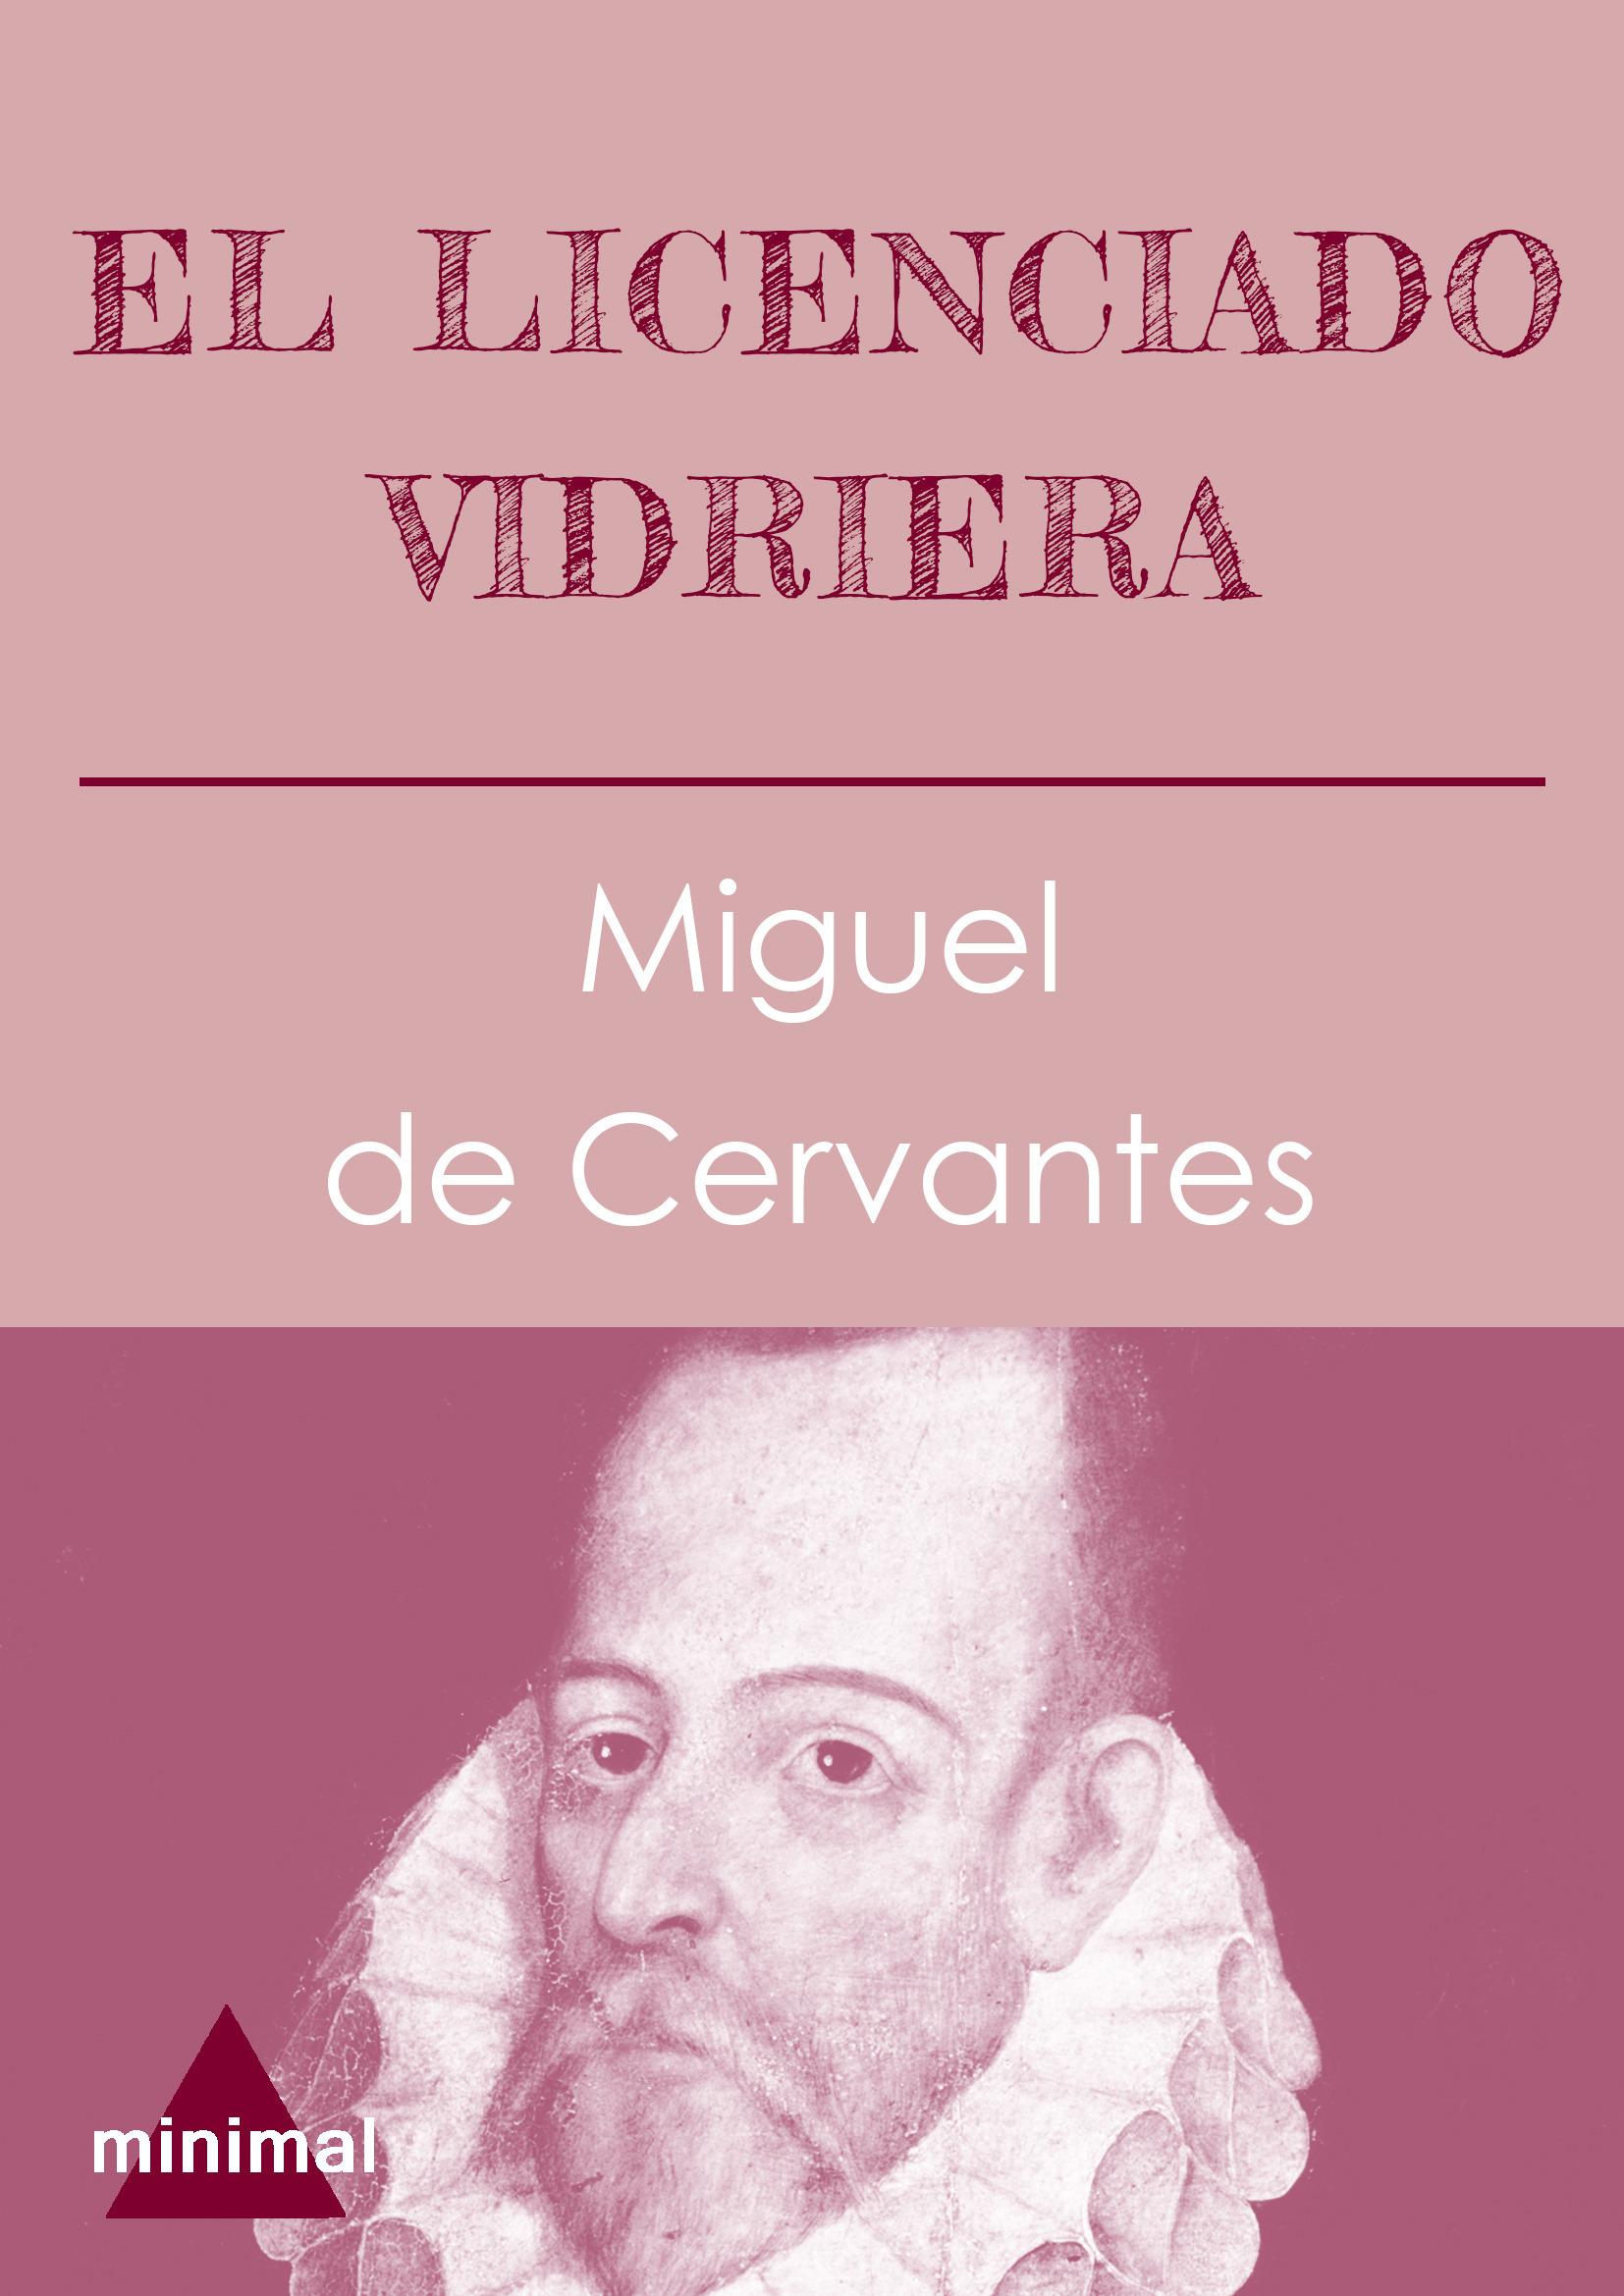 El licenciado Vidriera